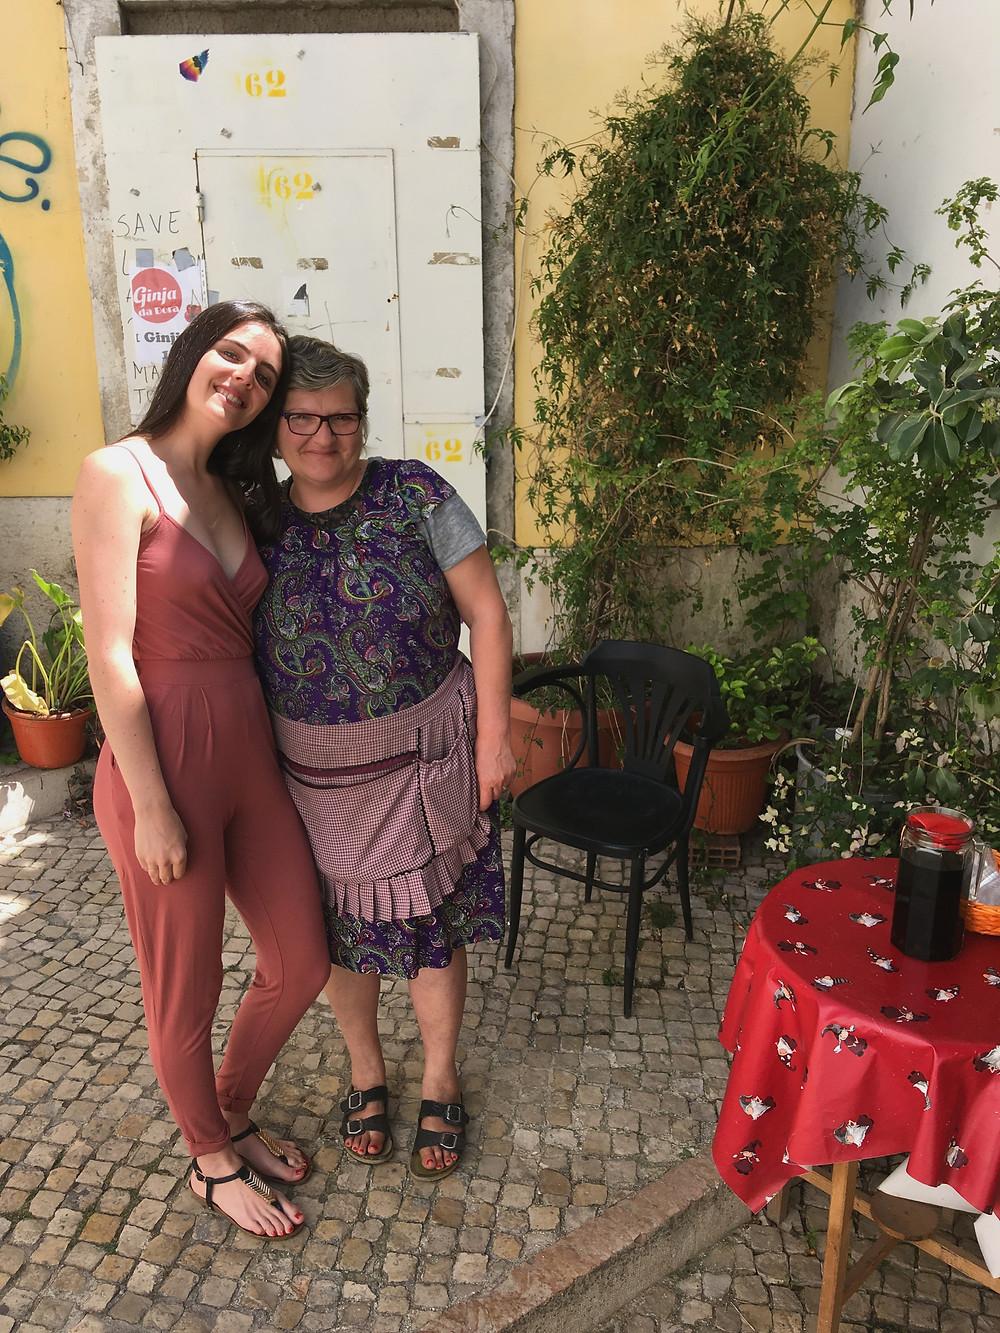 Lisbonne insolite et secrète - Voyage à Lisbonne blog